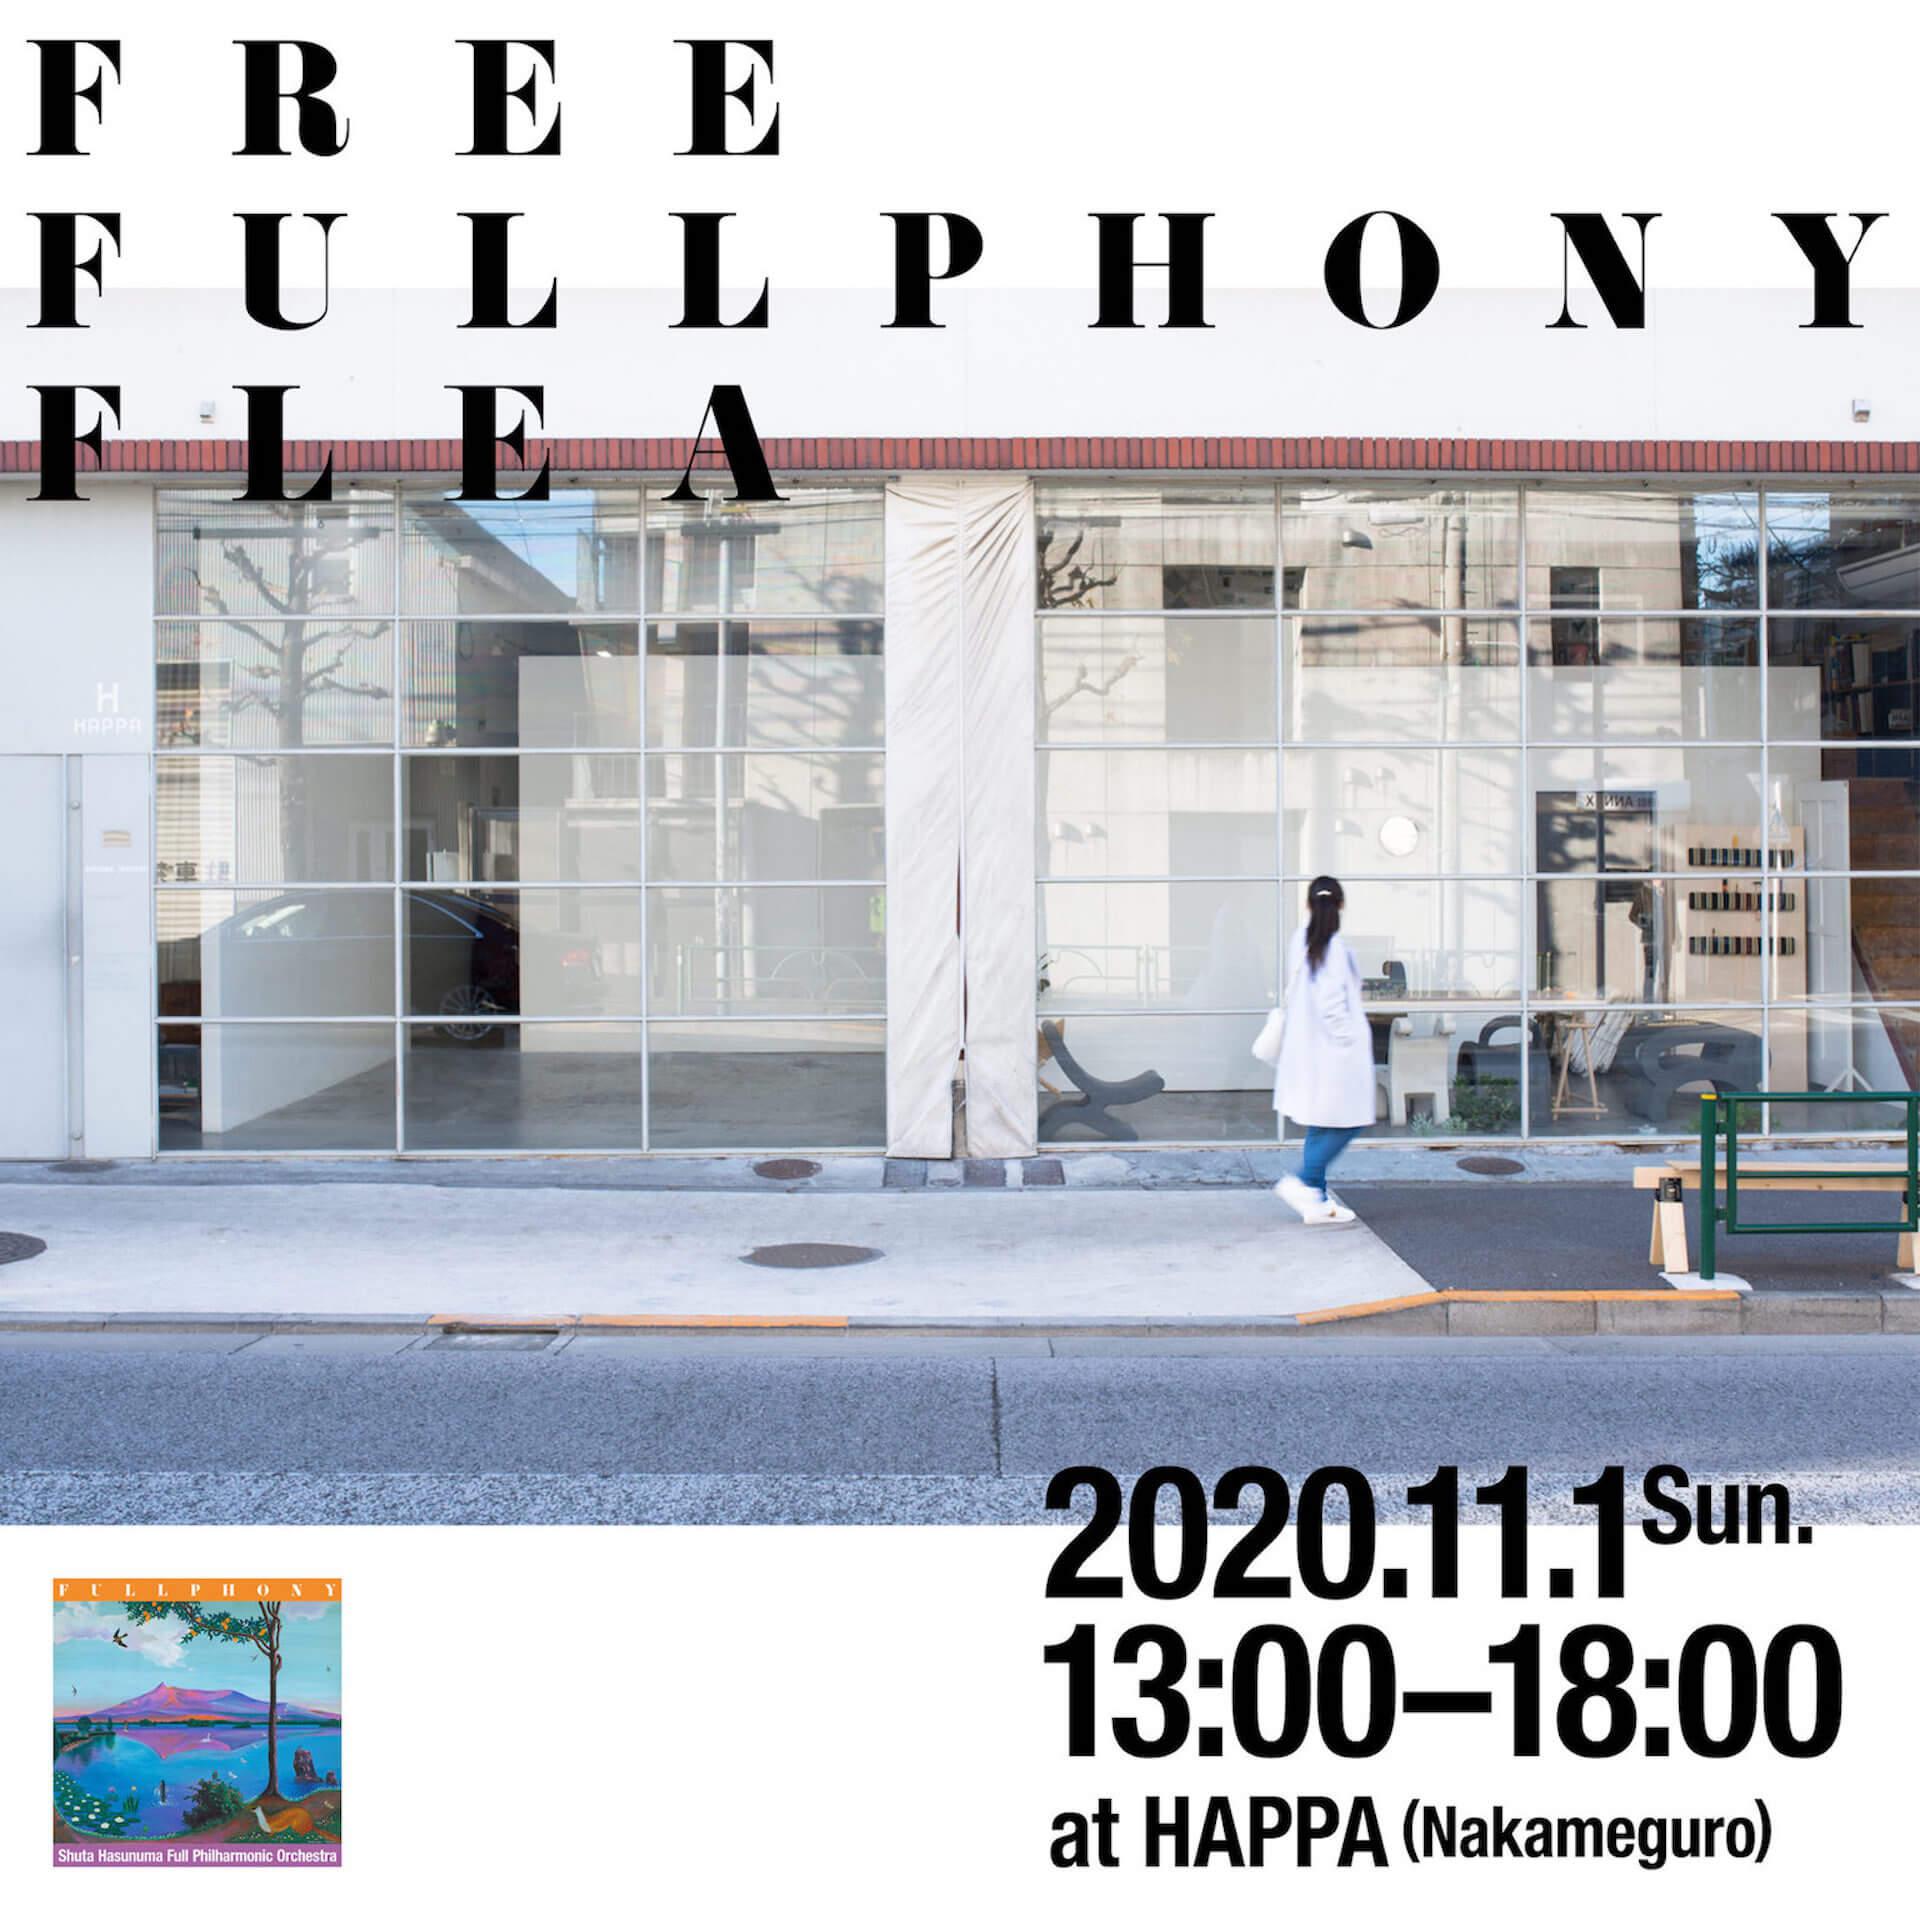 蓮沼執太フルフィルによる最新アルバム『フルフォニー』のCD&レコードが本日発売!発売記念ポップアップイベントも開催決定 music20201028_hasunumaphil_2